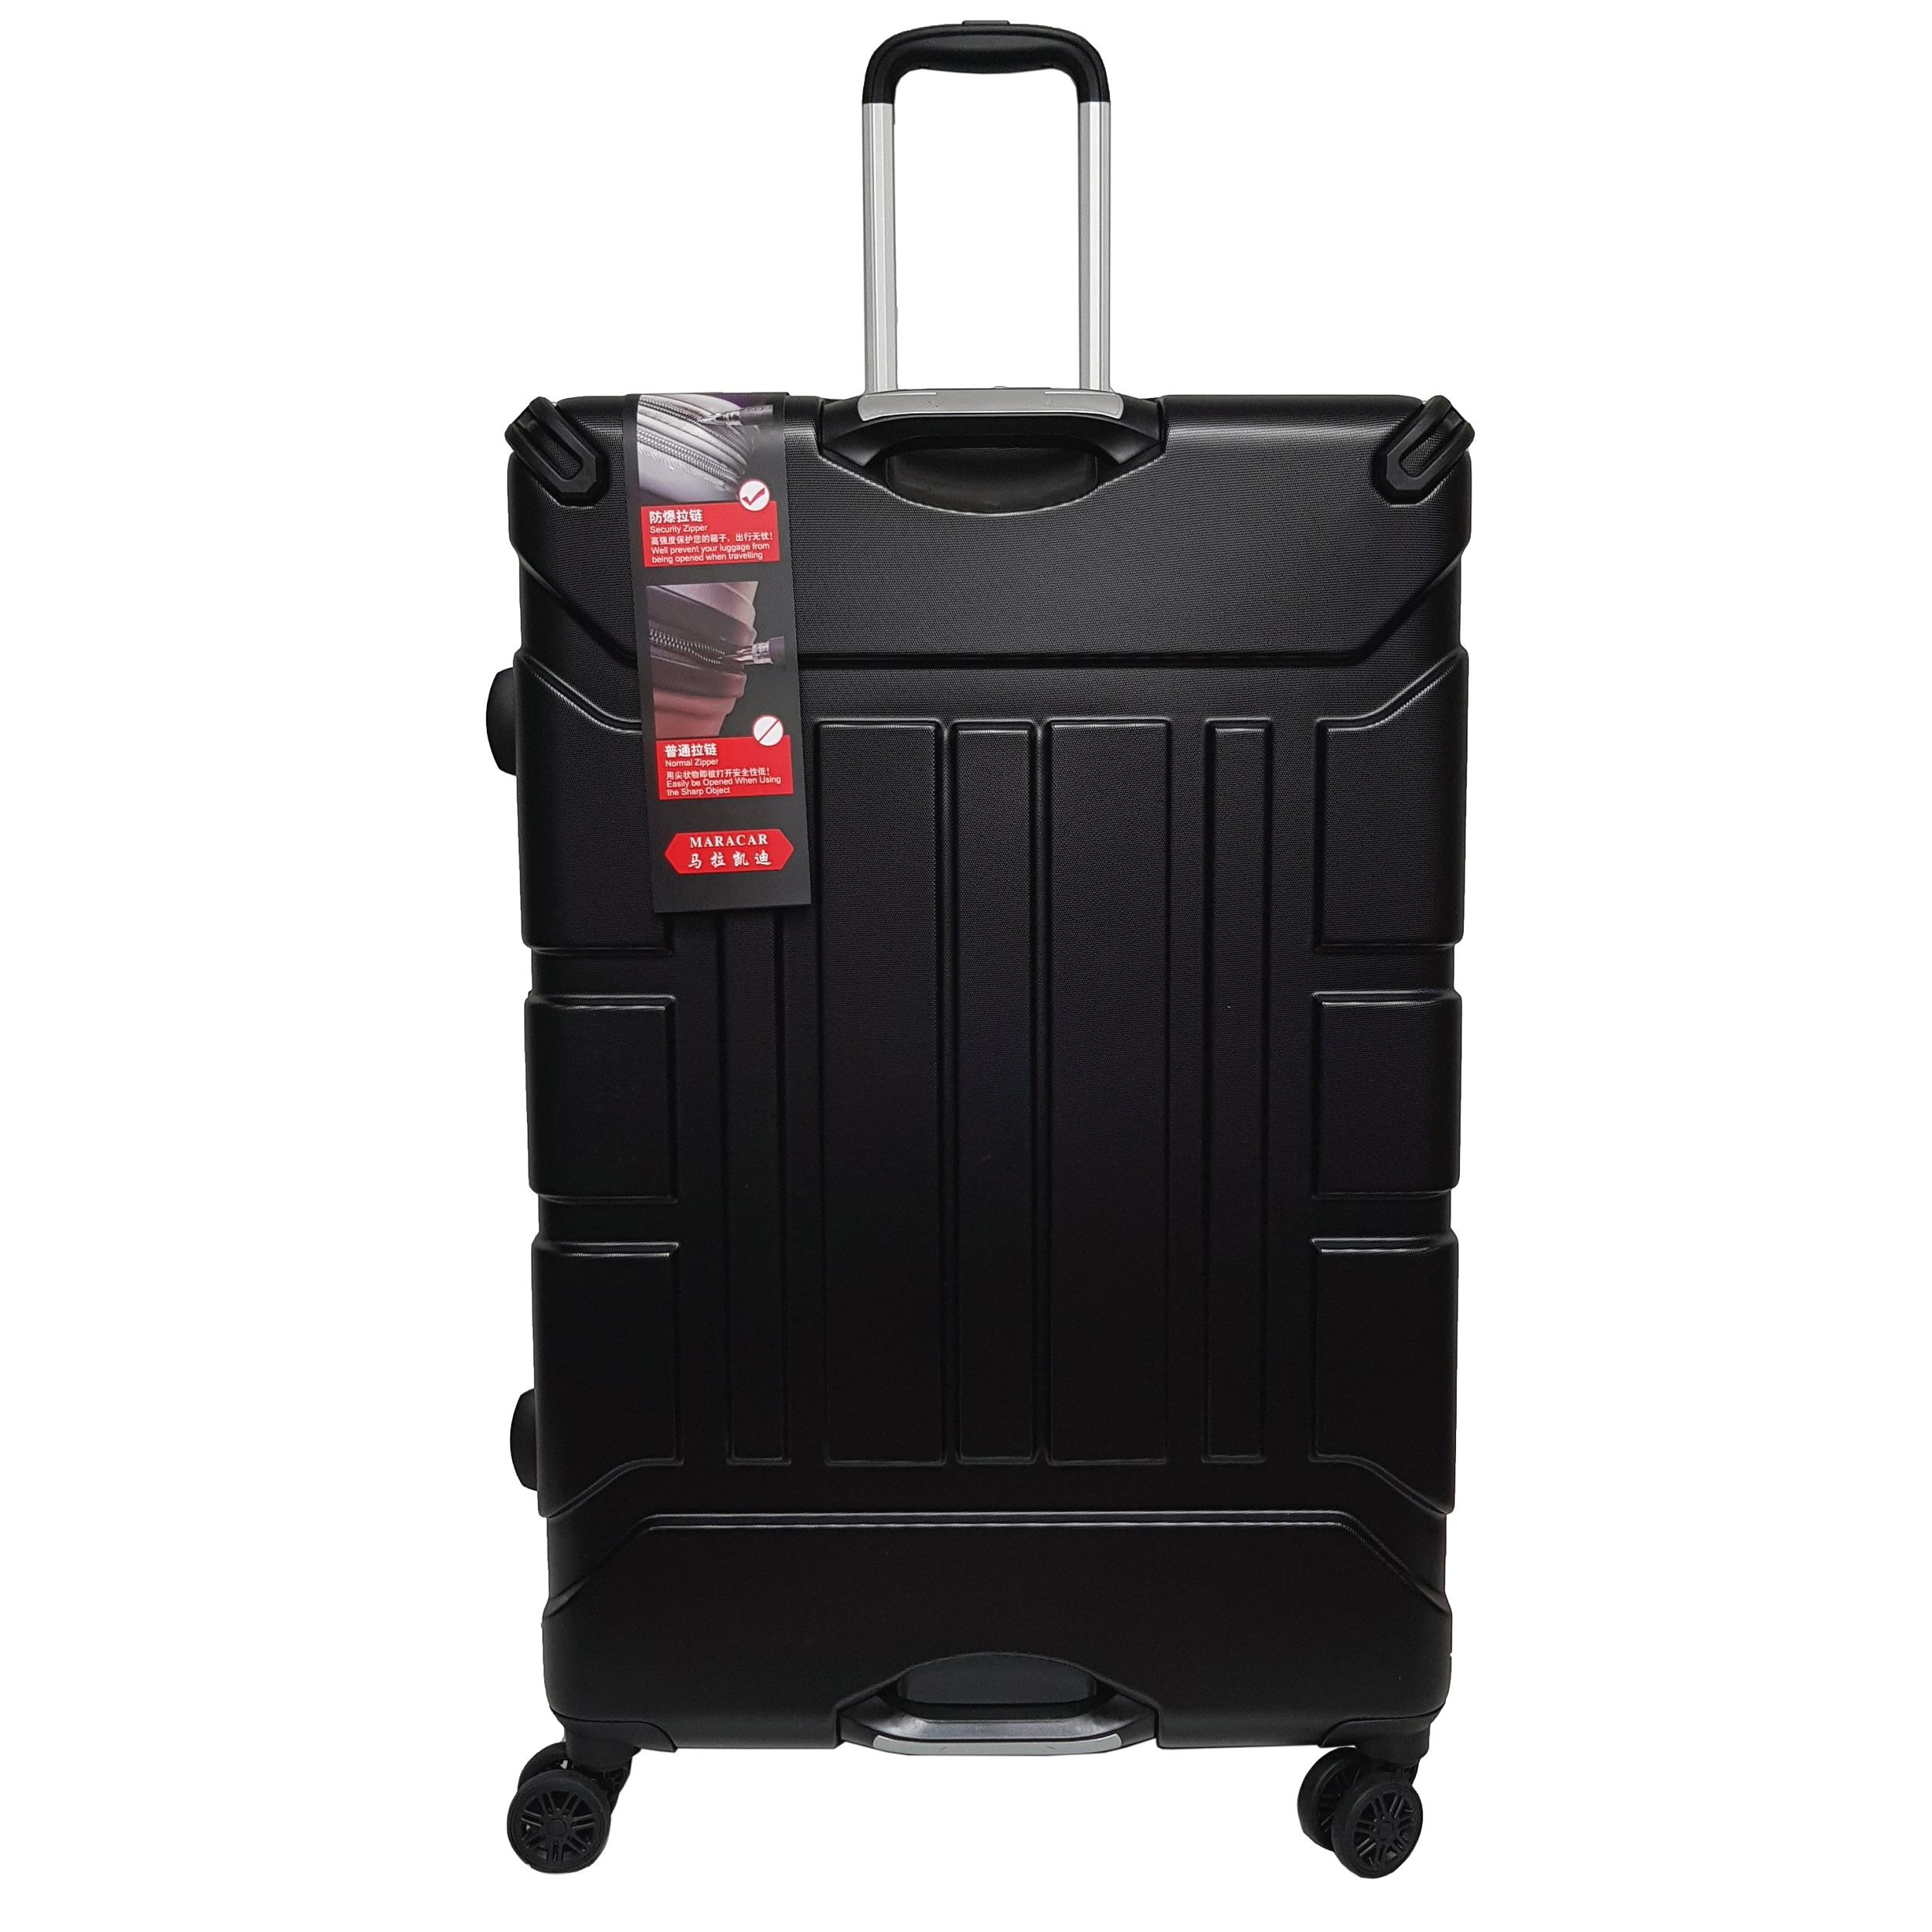 چمدان ماراکار مدل MRCJ5 سایز کوچک